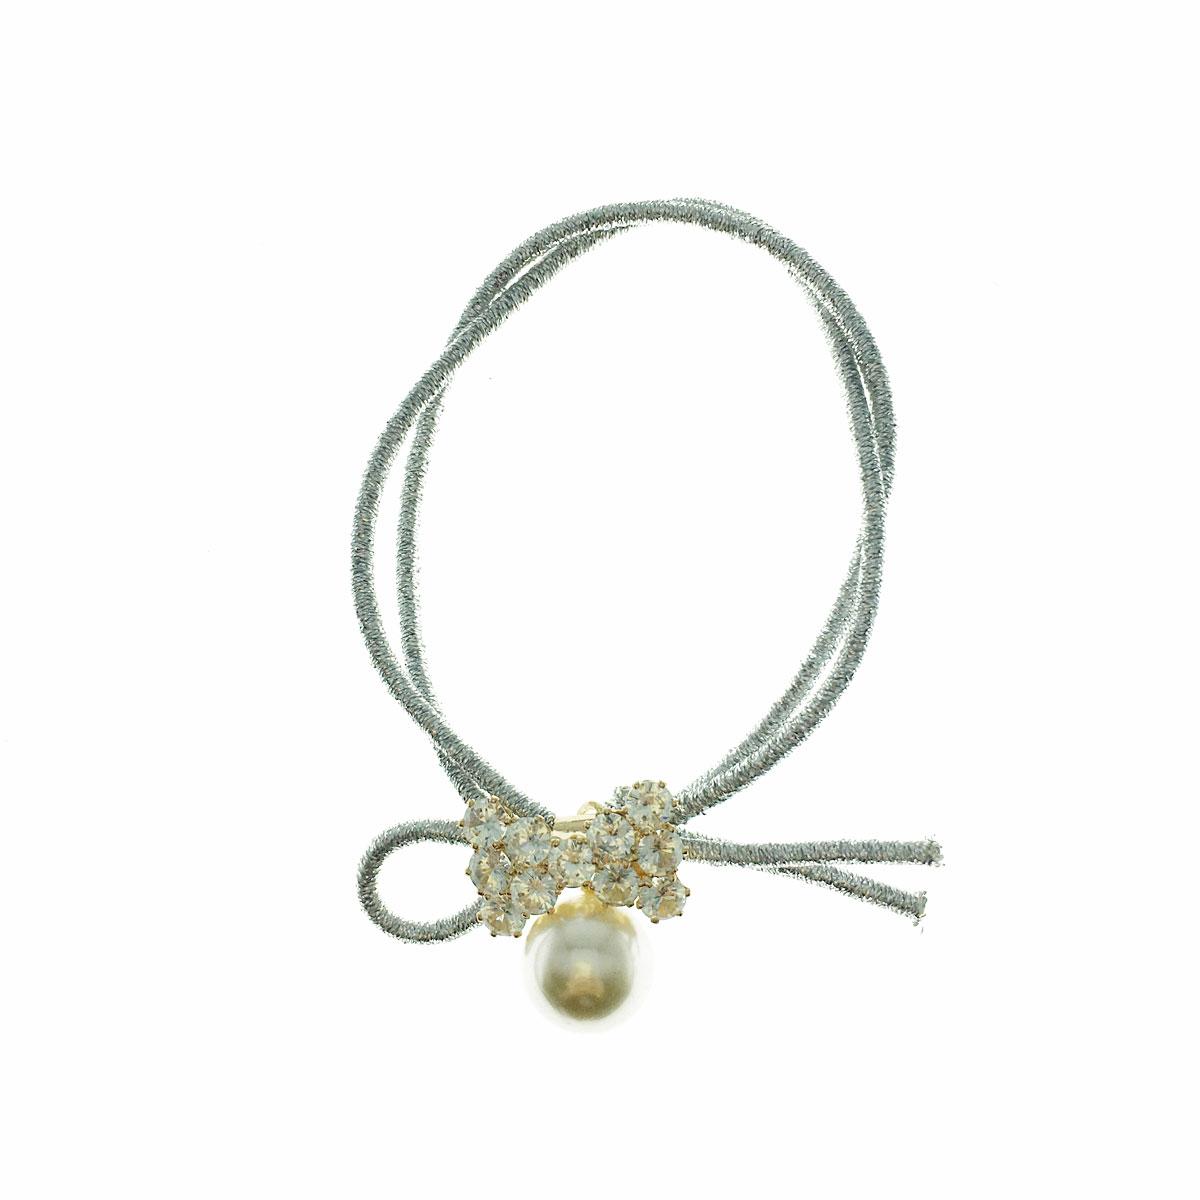 韓國 水鑽 珍珠 蝴蝶結 髮束 髮飾